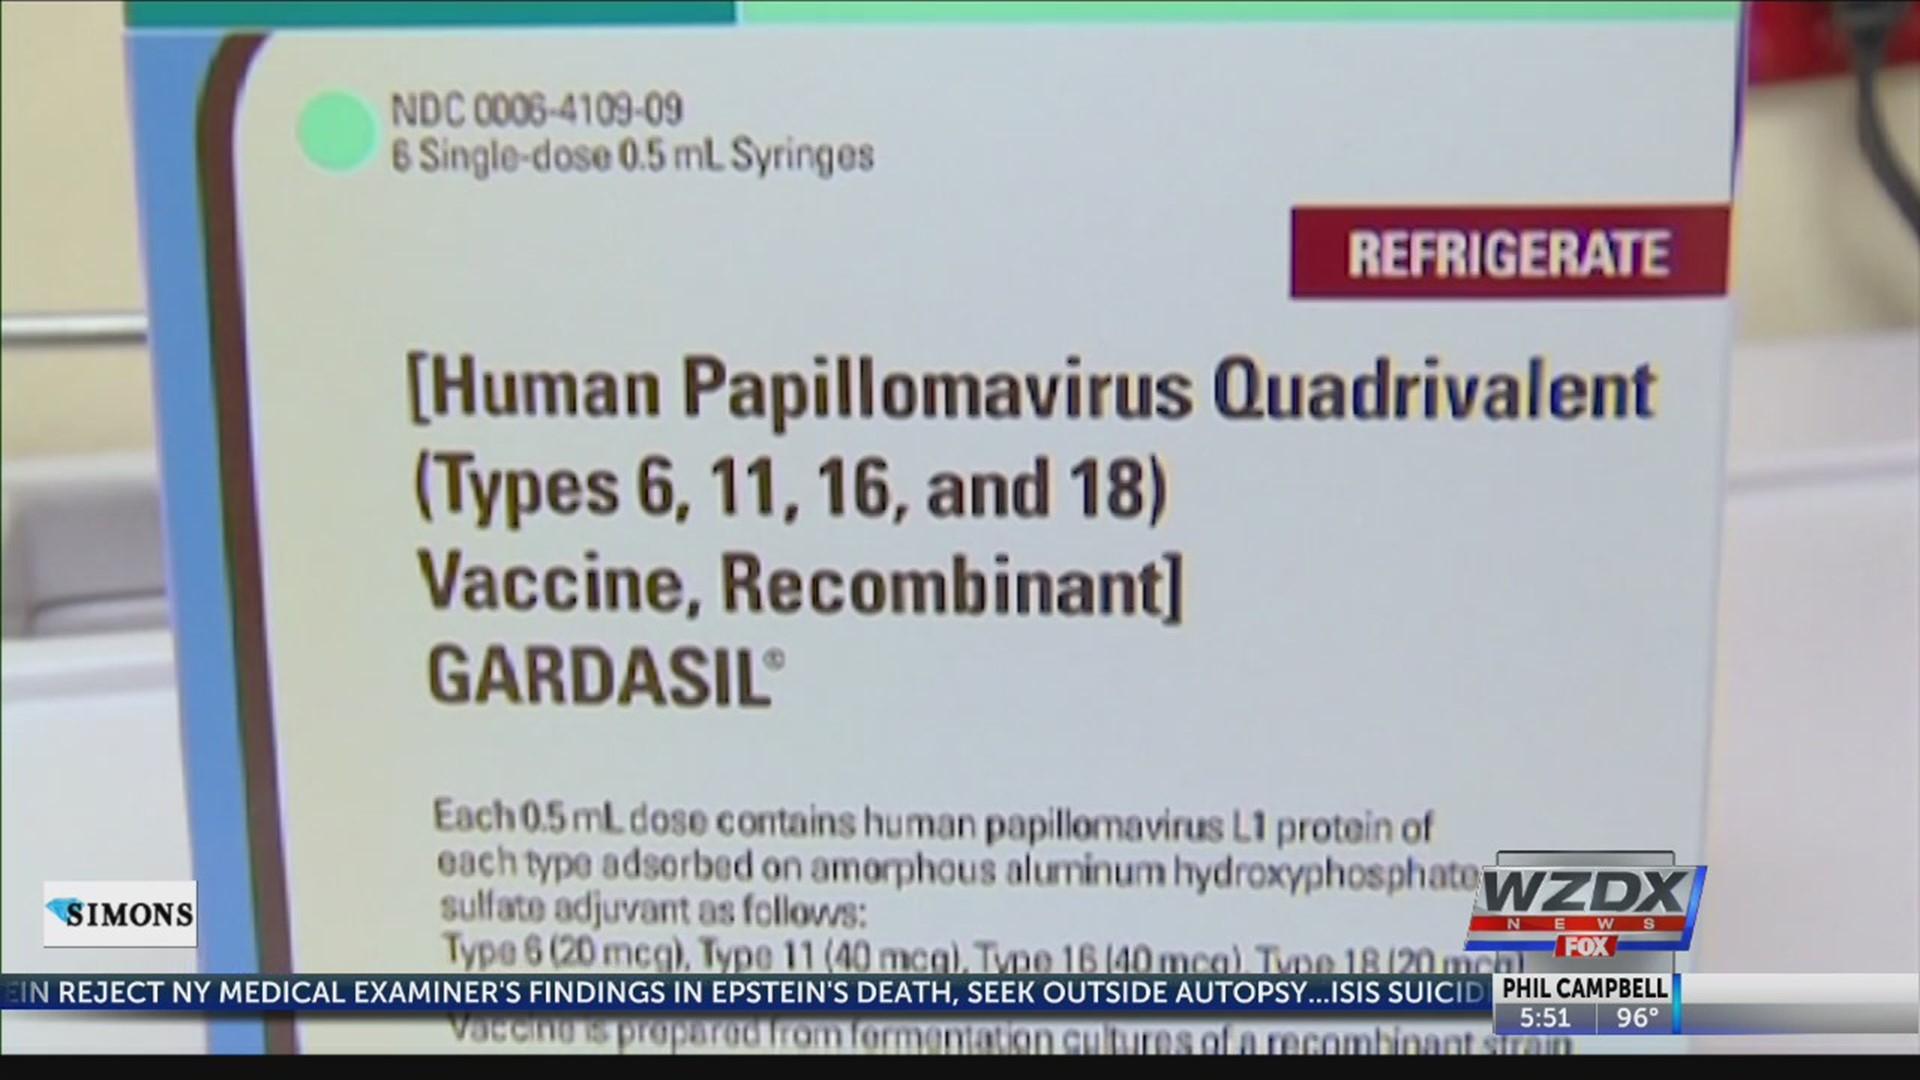 Ndc human papillomavirus vaccine.